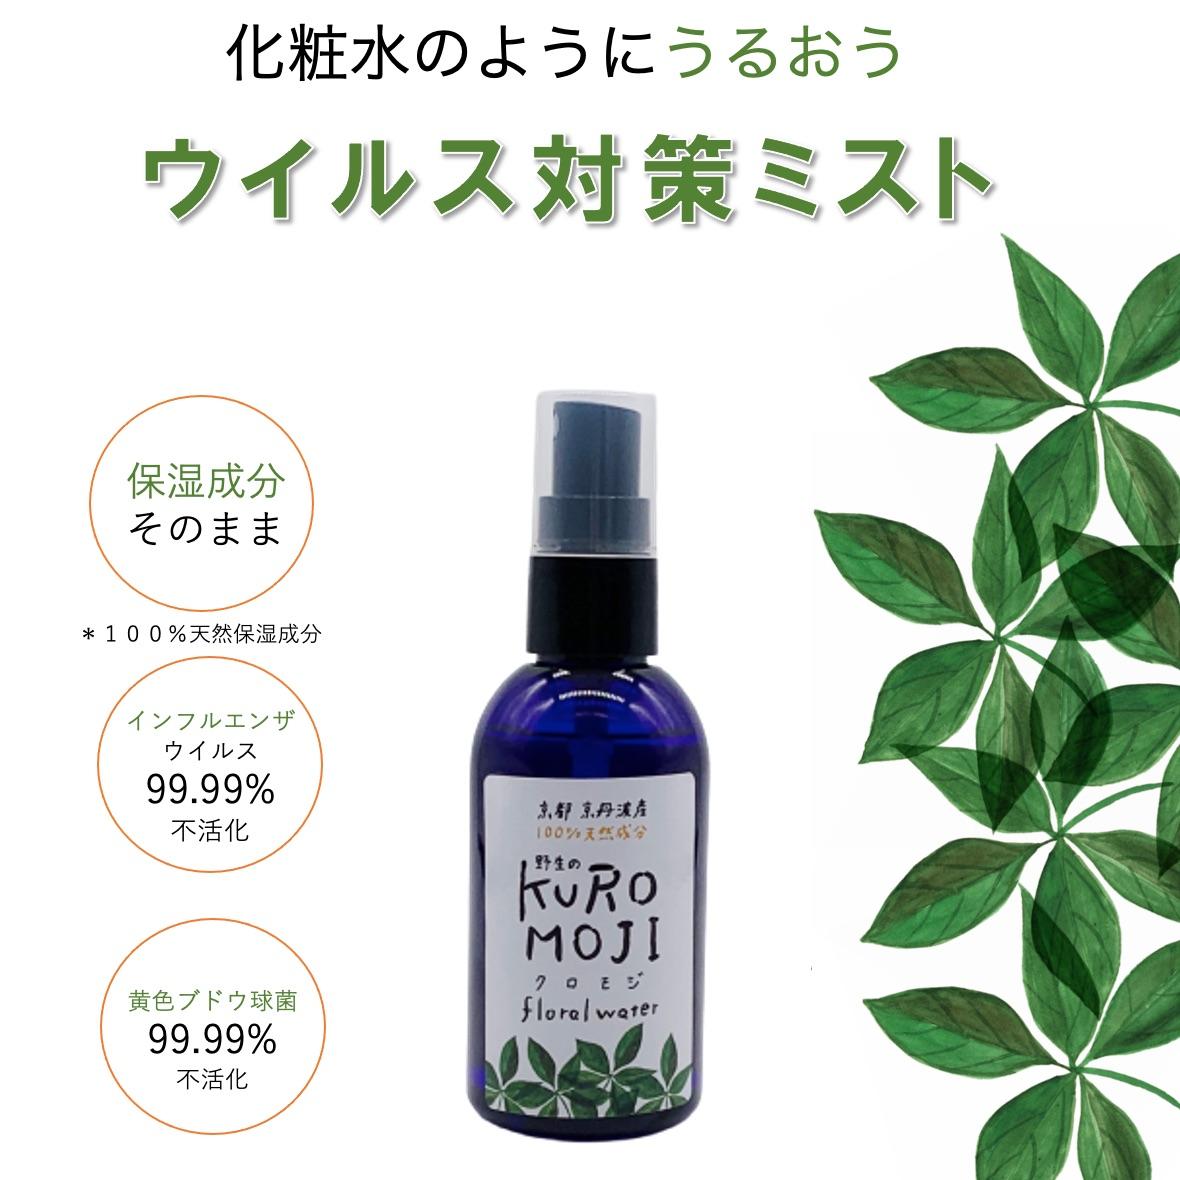 追加生産・定番・植物除菌スプレー【クロモジ ウォーター 100ml】京都丹波産、野生植物クロモジ 100%